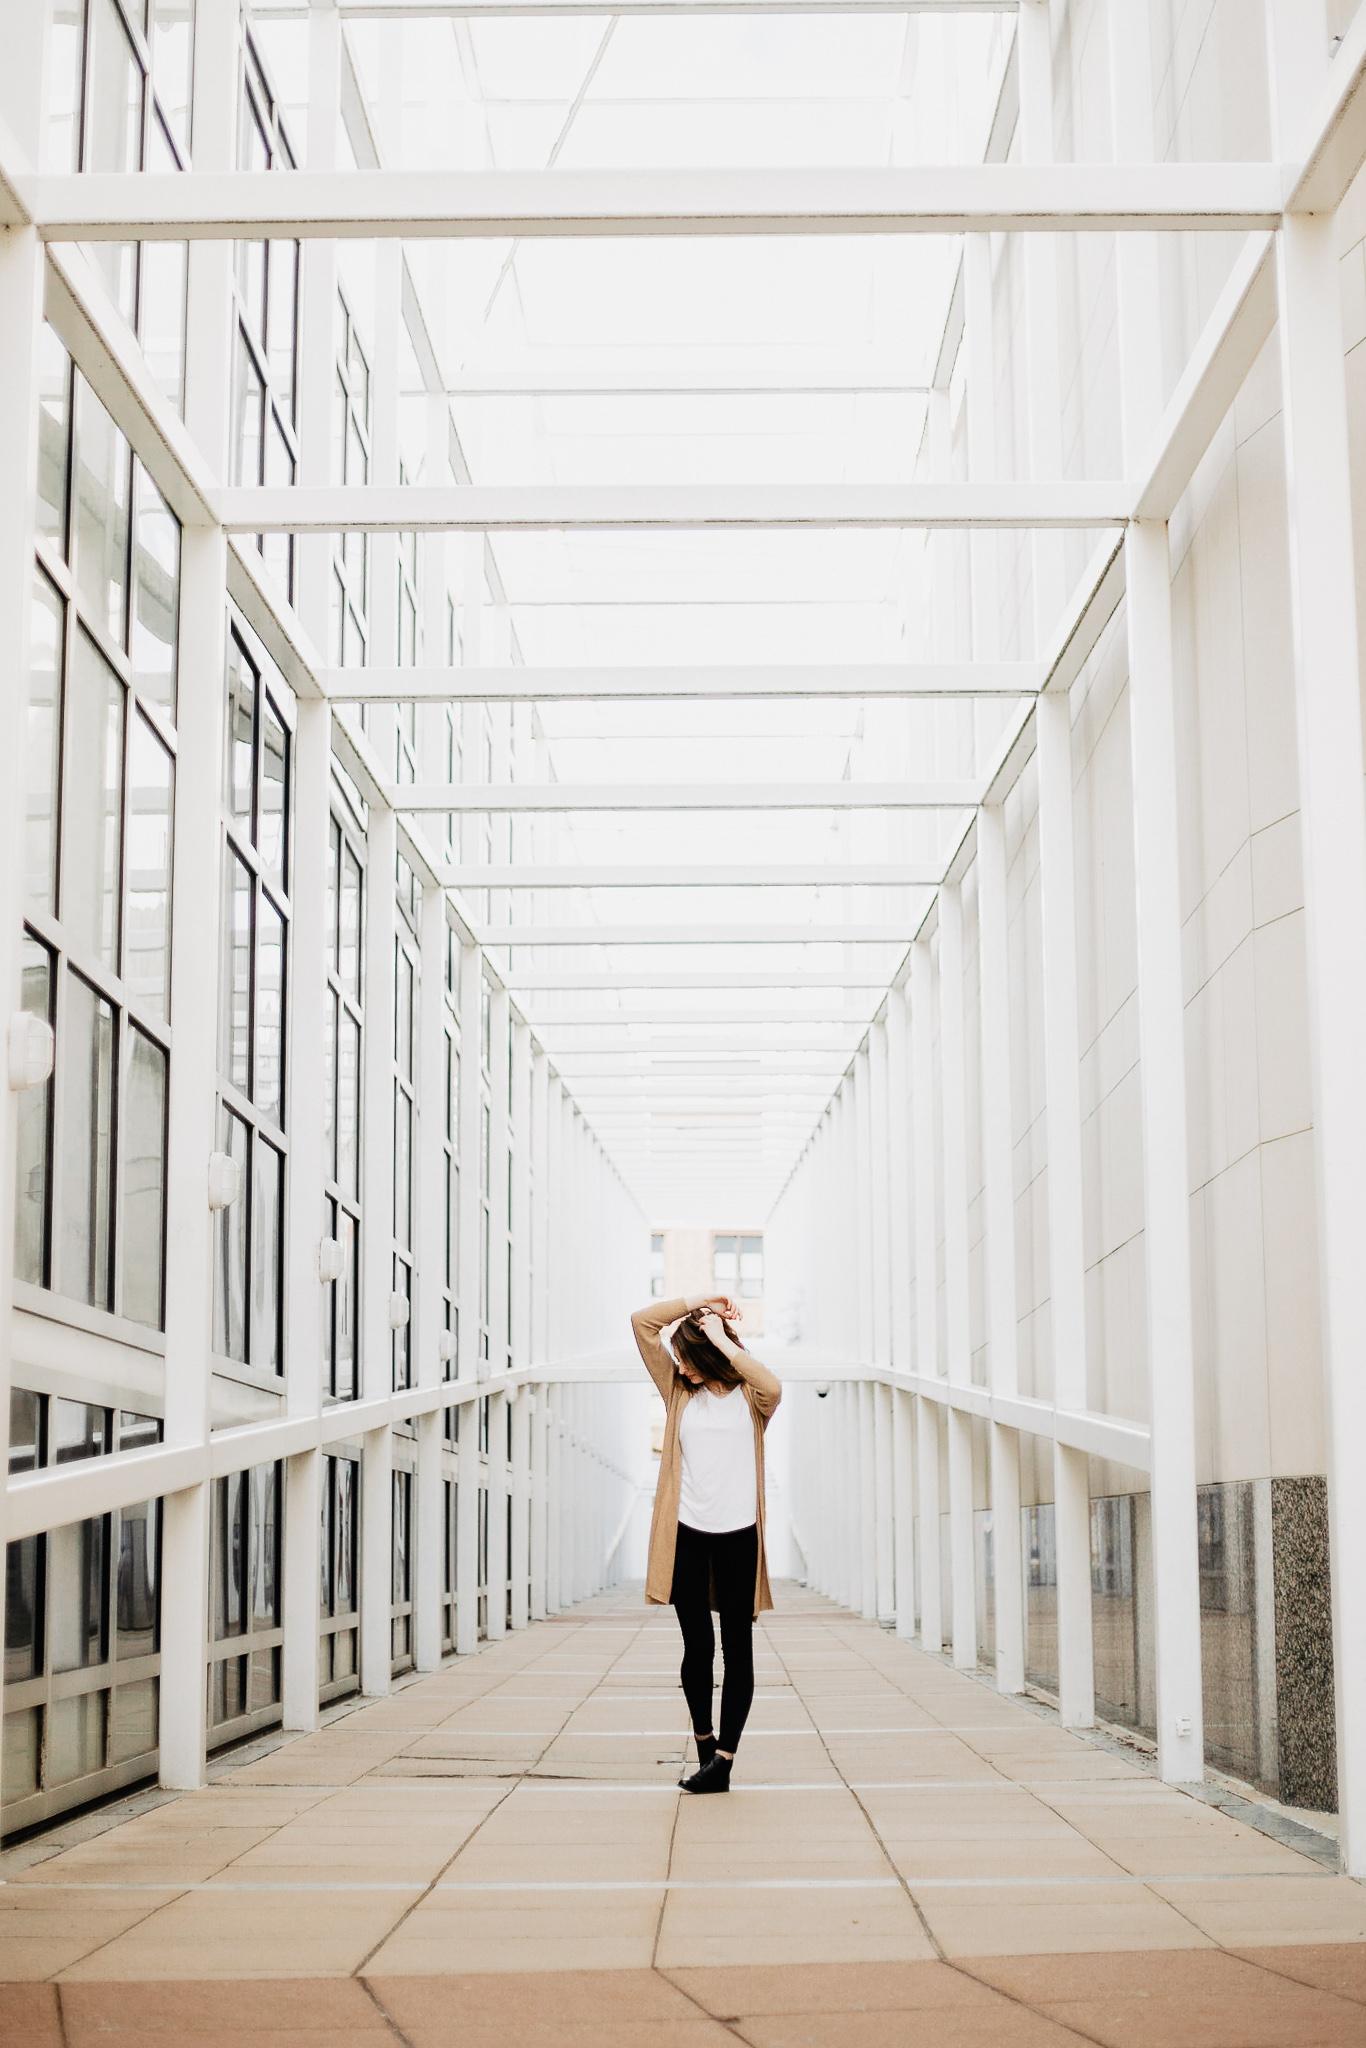 Phoebe | Ohio State University Urban Senior Portrait Session | Catherine Milliron Photography | Ohio Wedding + Engagement Photographer